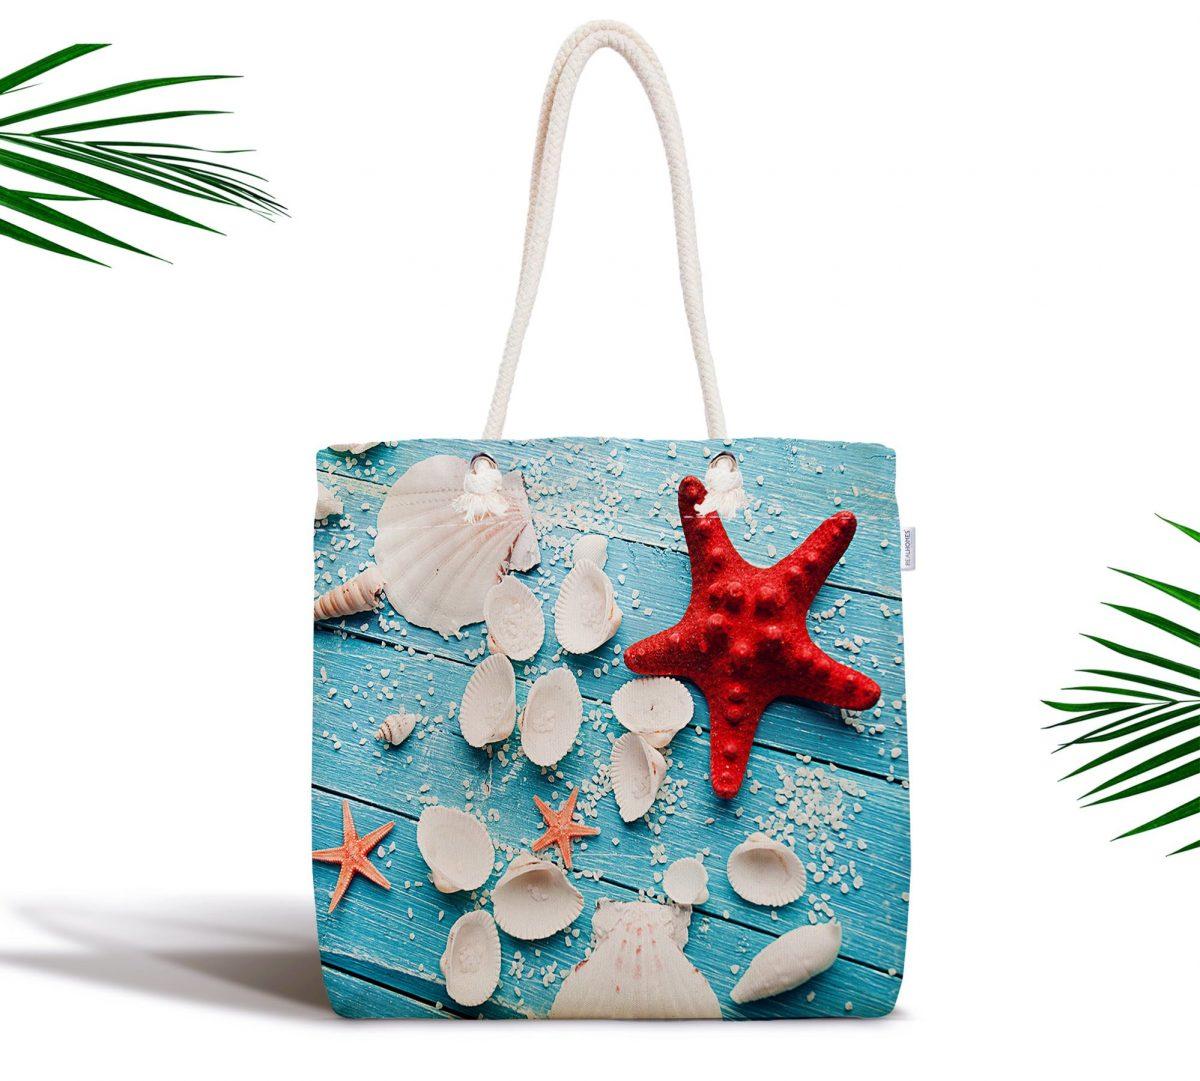 Deniz Yıldızı Özel Tasarımlı Dijital Baskılı Kumaş Çanta Realhomes